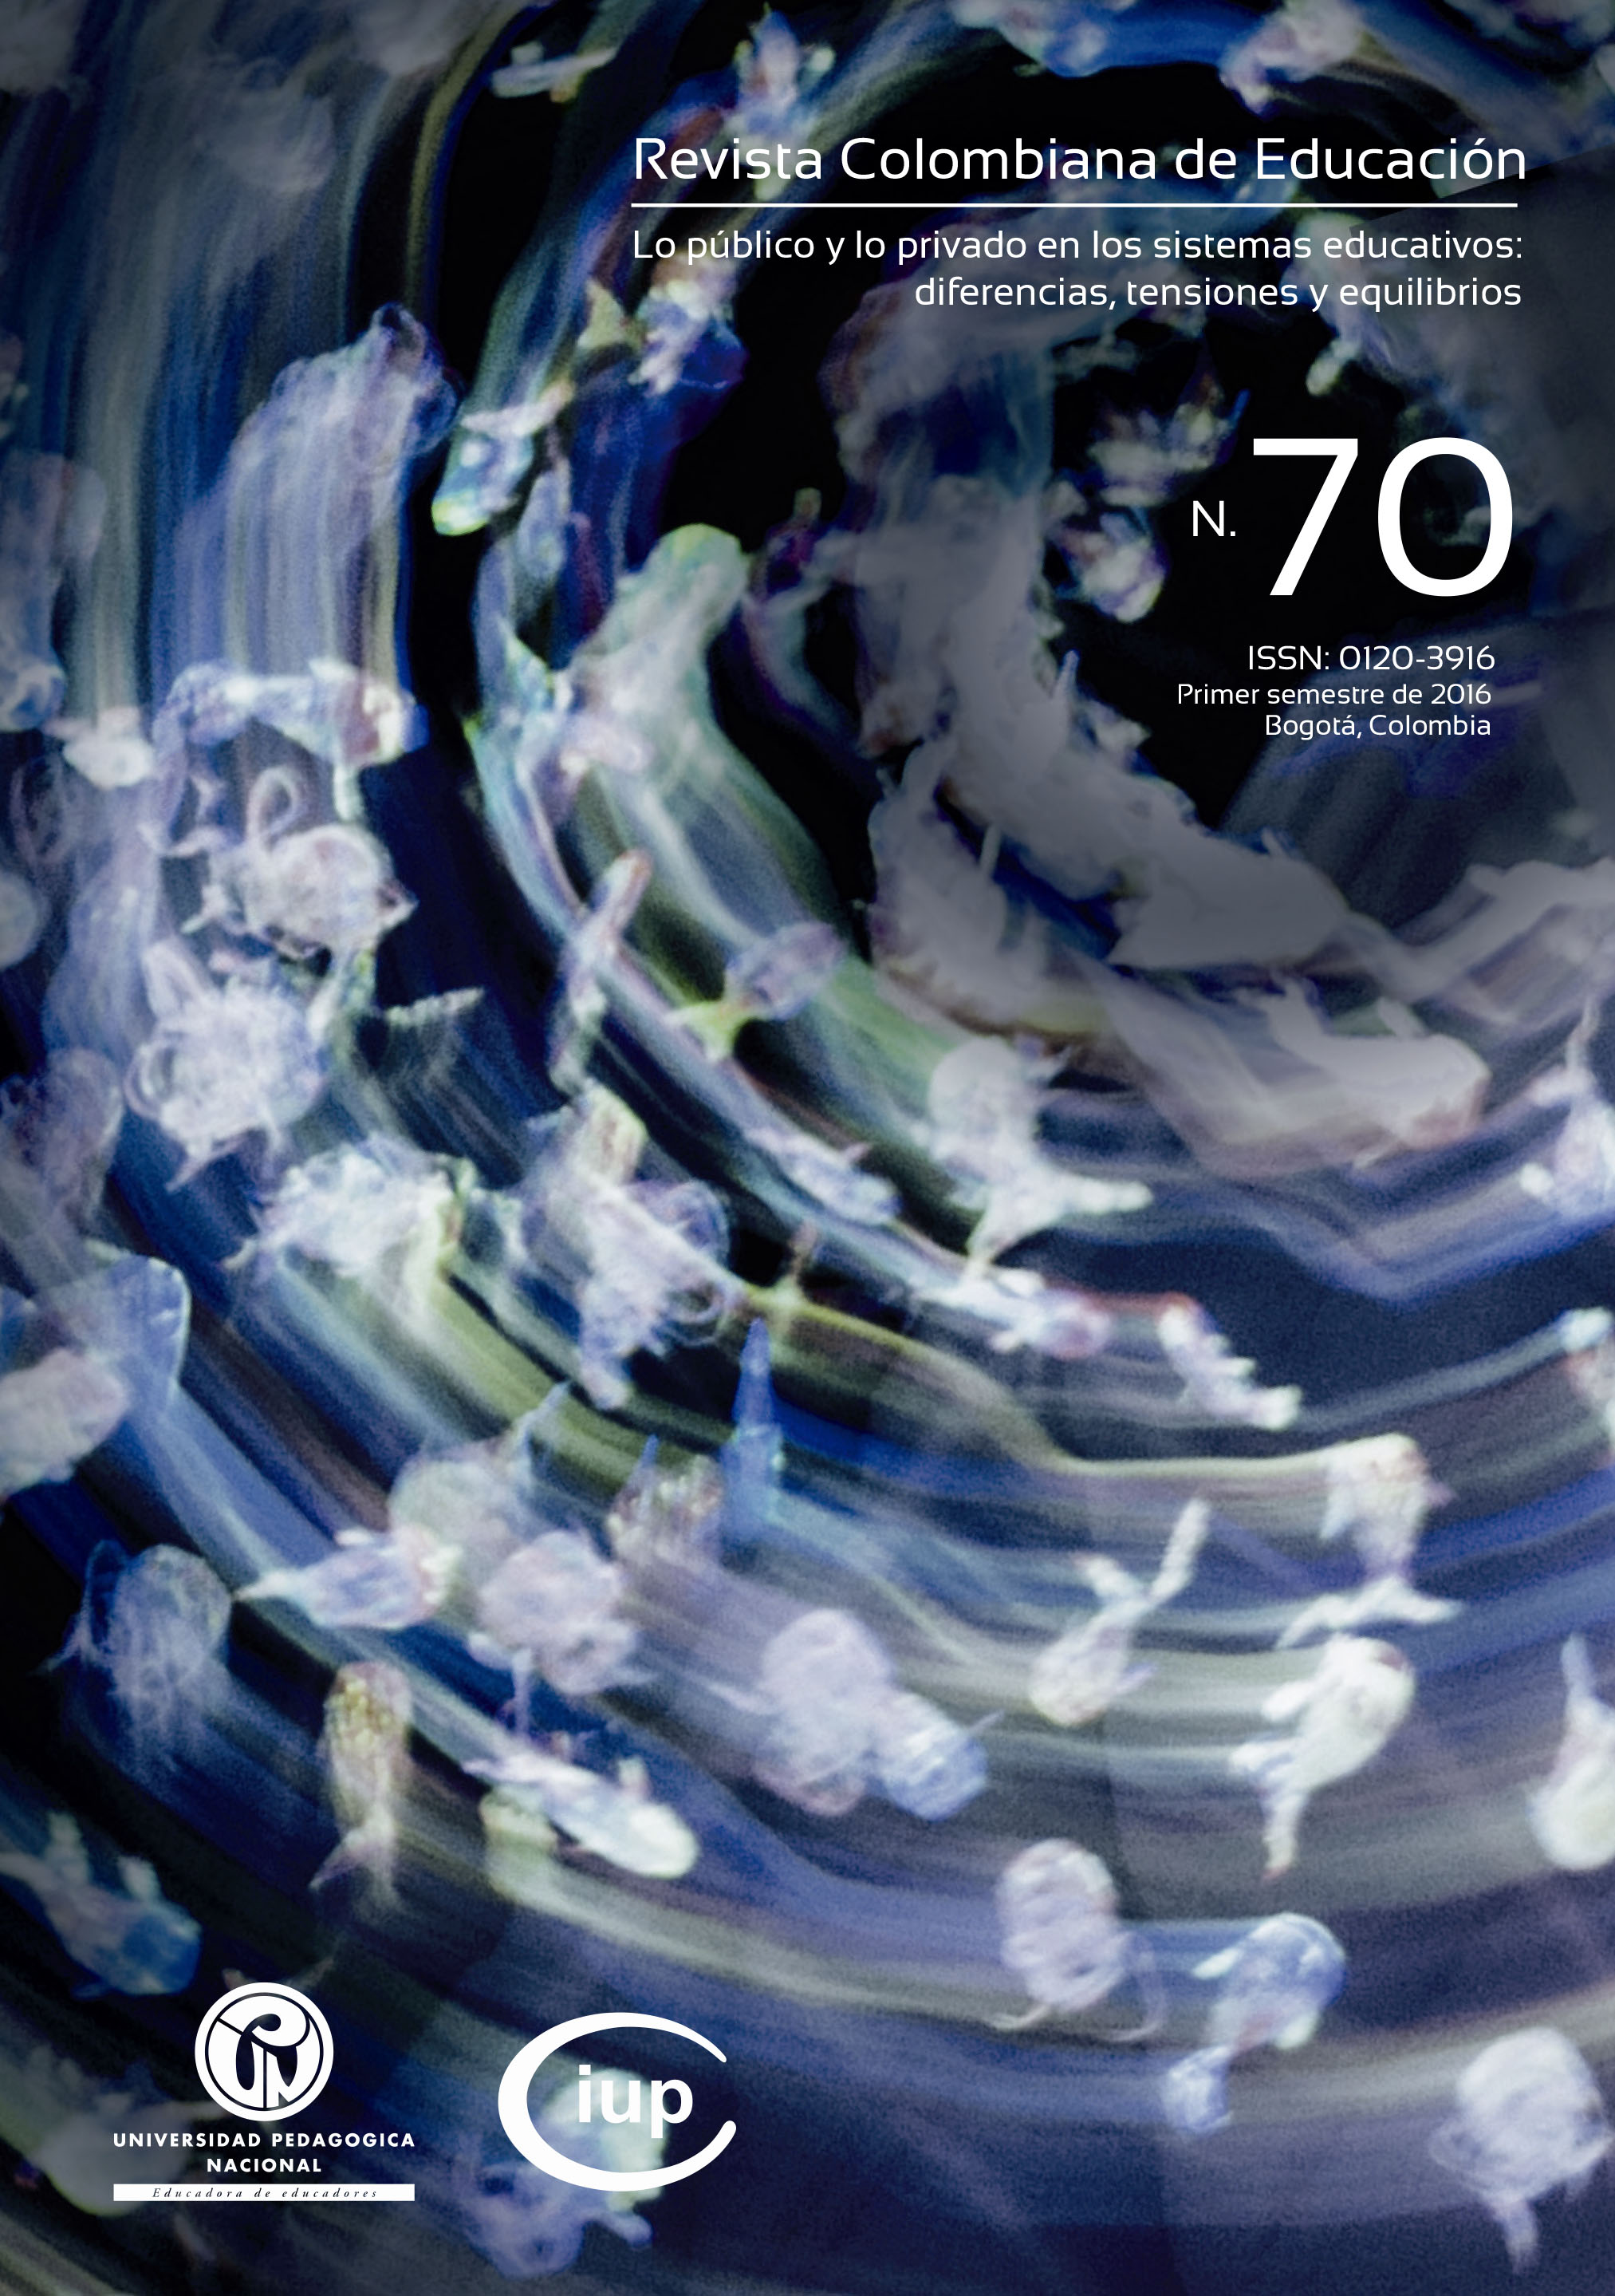 Ver Núm. 70 (2016): Lo público y lo privado en los sistemas educativos: diferencias, tensiones y equilibrios